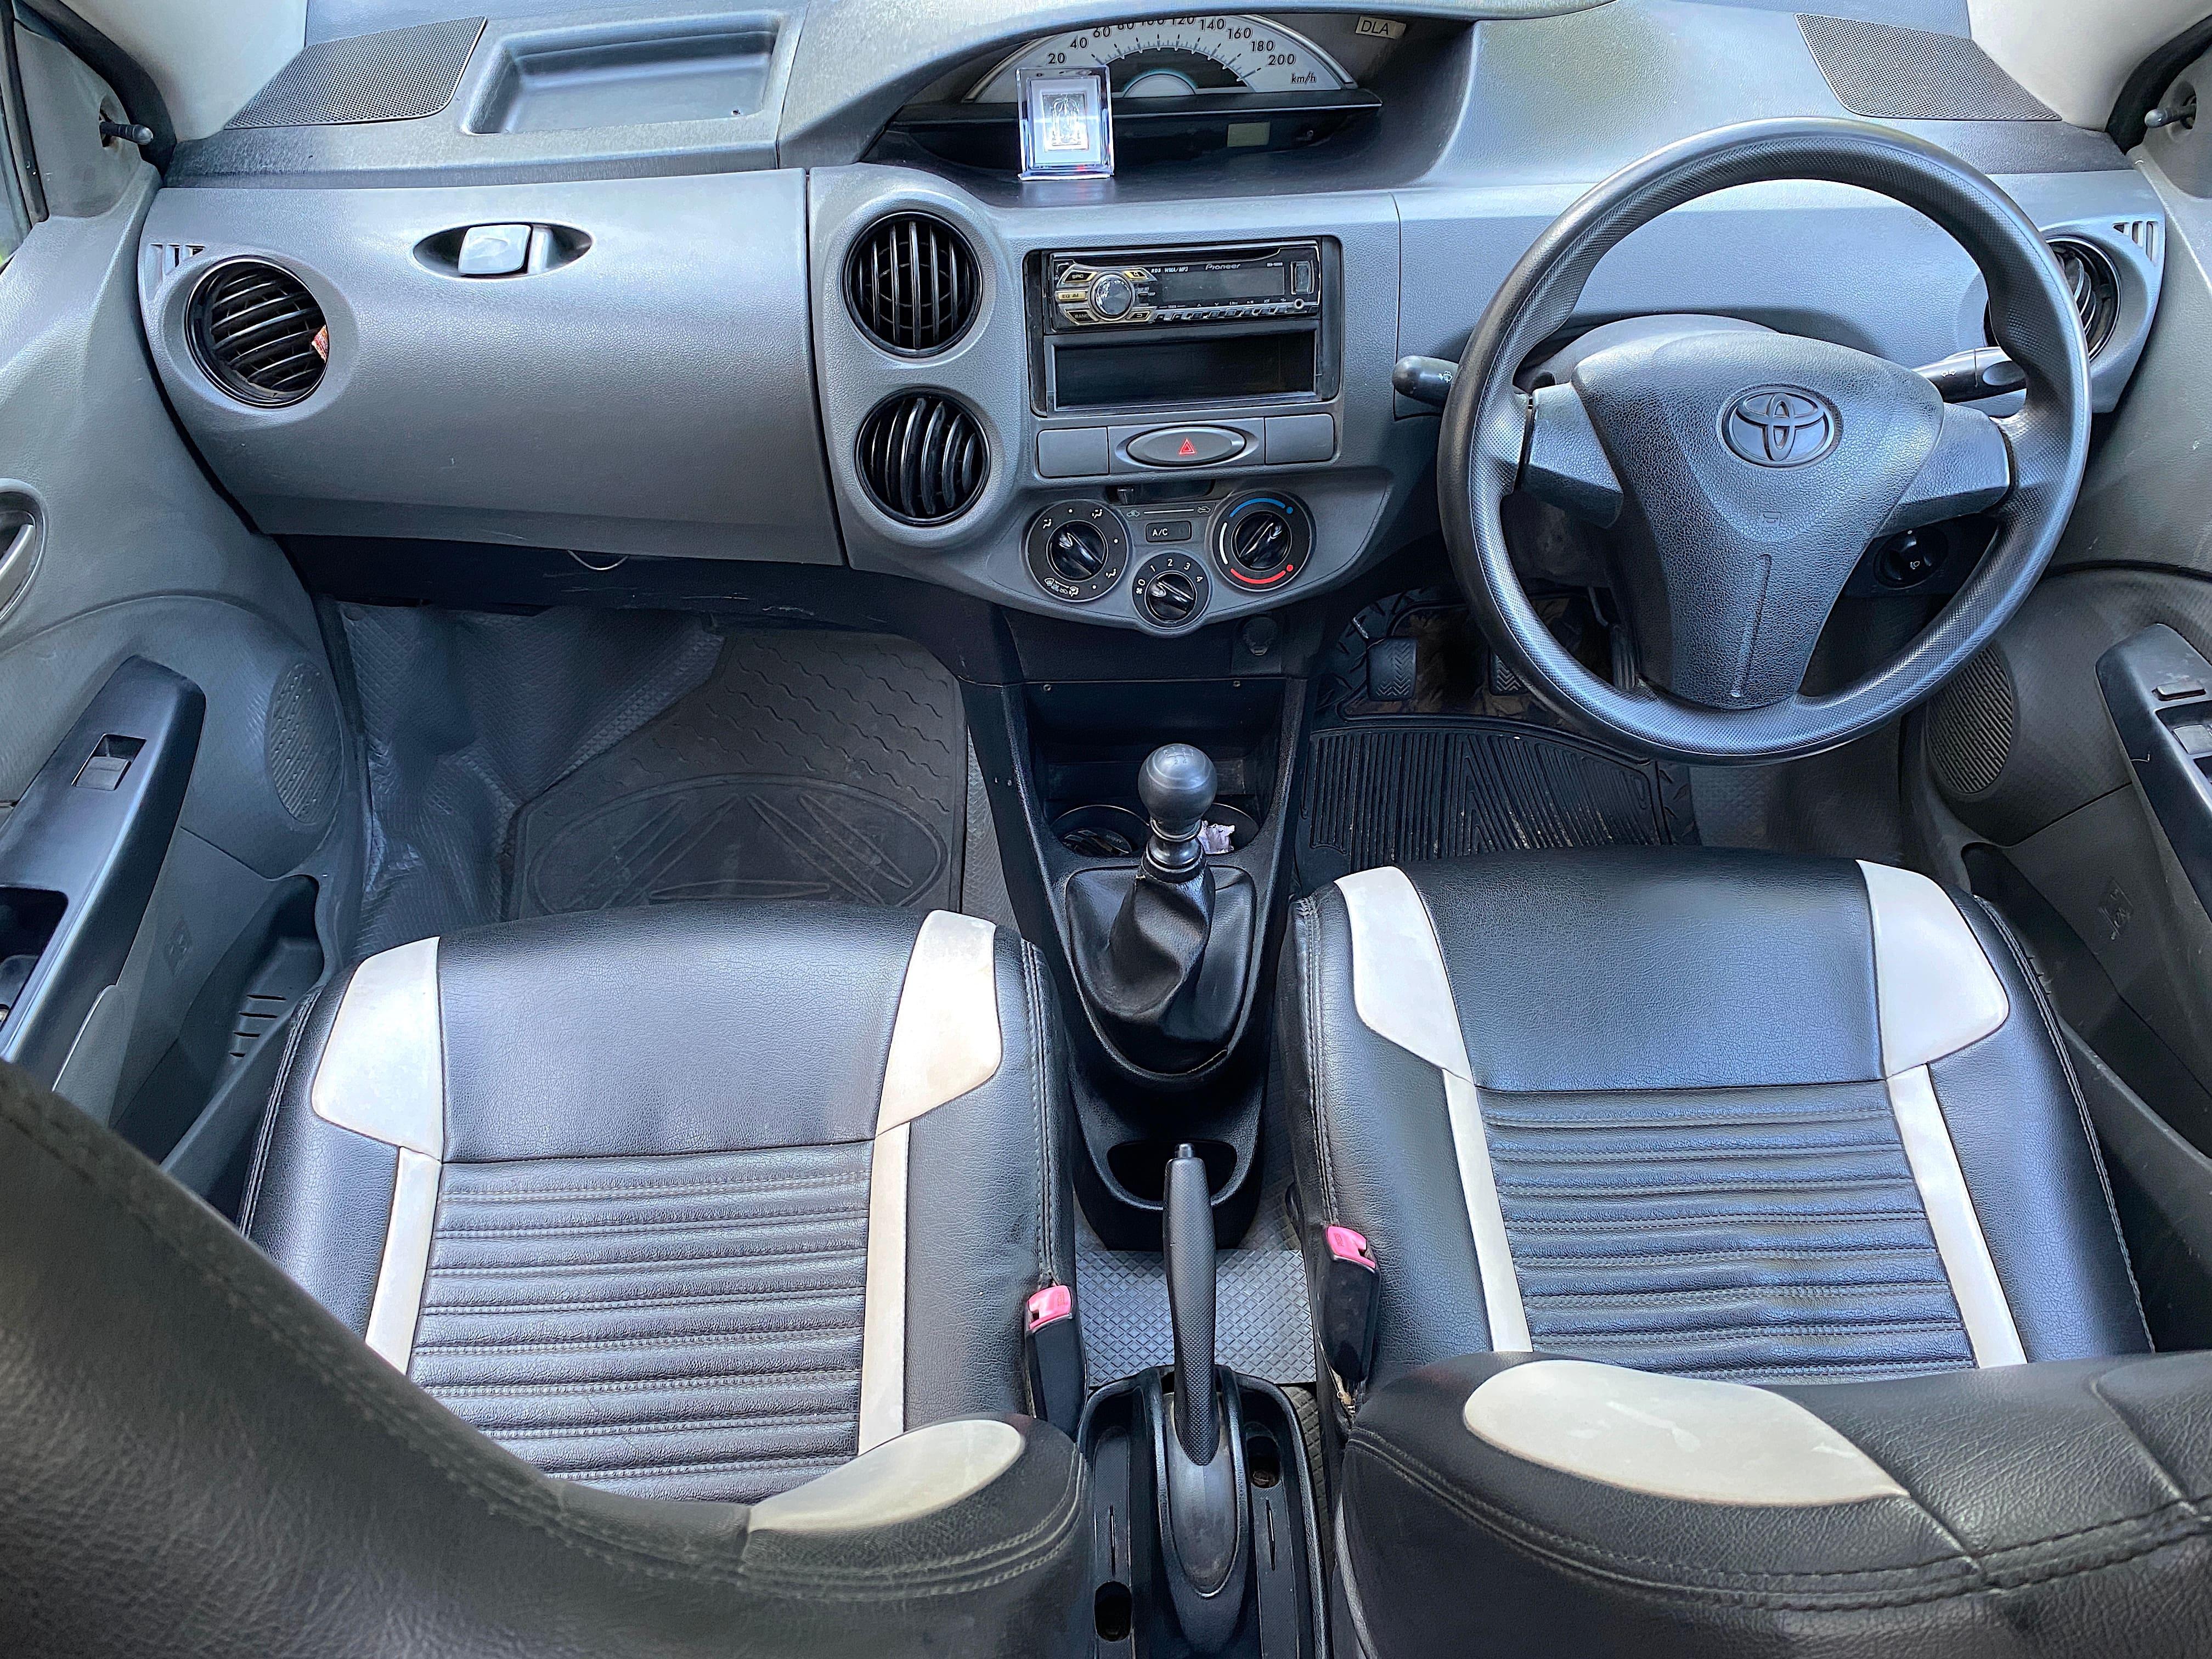 Toyota Etios Liva 2011-2012 V